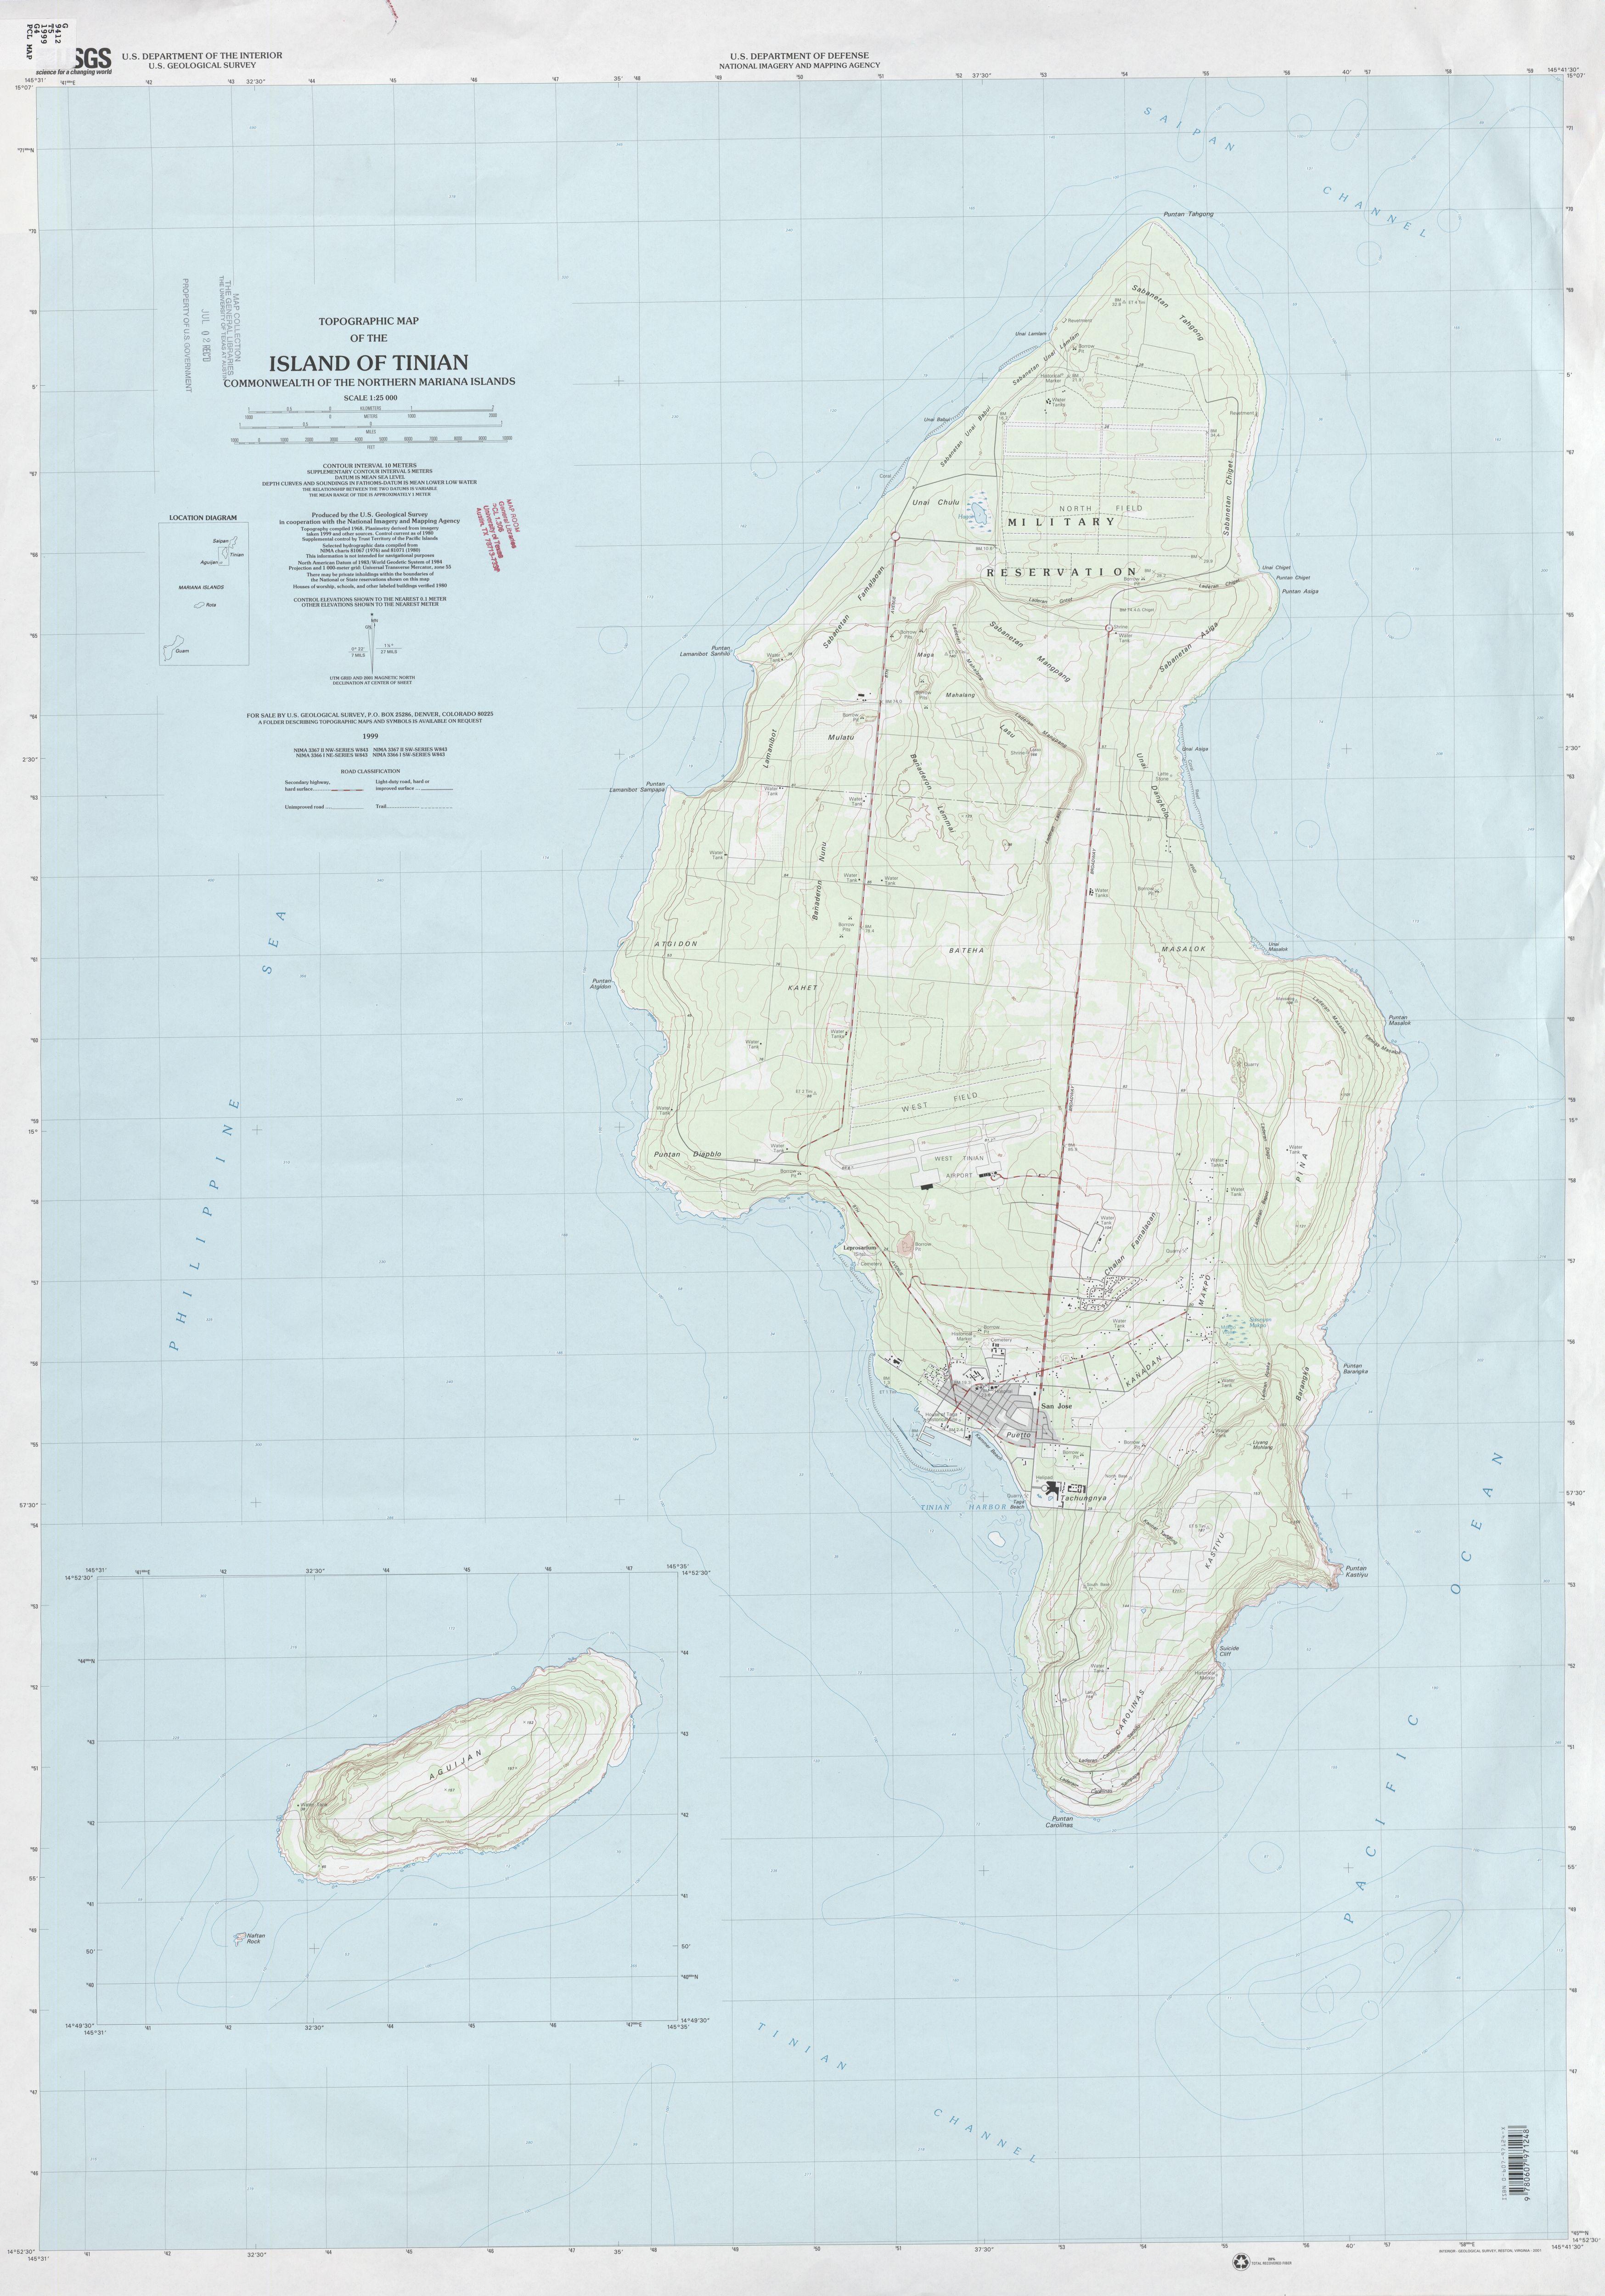 Mapa Topográfico de Tinian, Islas Marianas del Norte